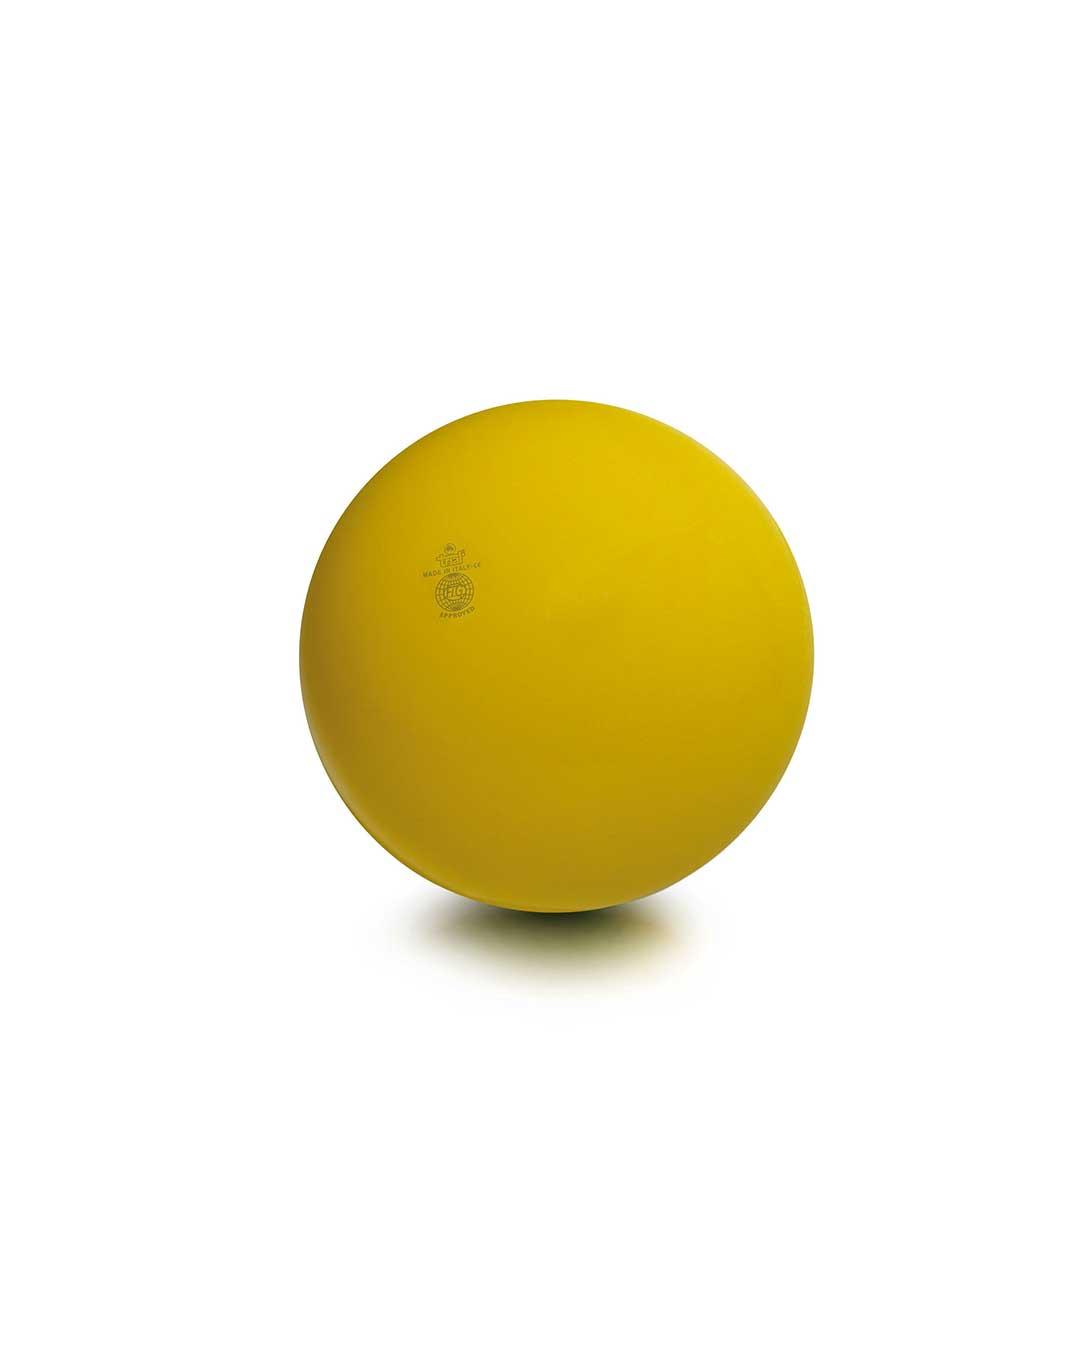 Balón liso de gimnasia rítmica TRIAL 42 amarillo